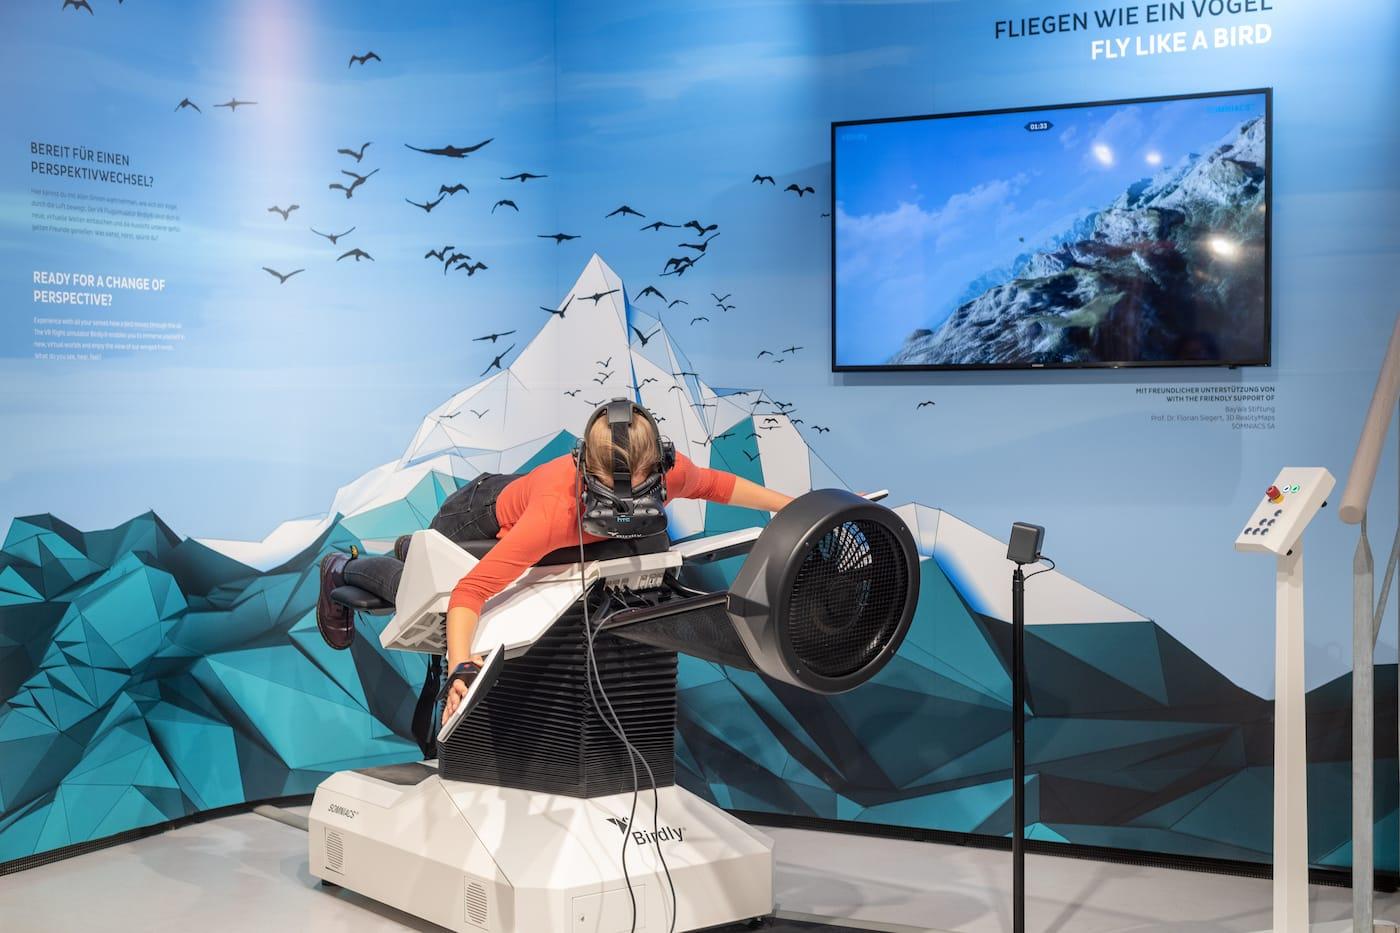 Wie ein Vogel fliegen mit dem Virtual Reality Flugsimulator im BIOTOPIA München // HIMBEER